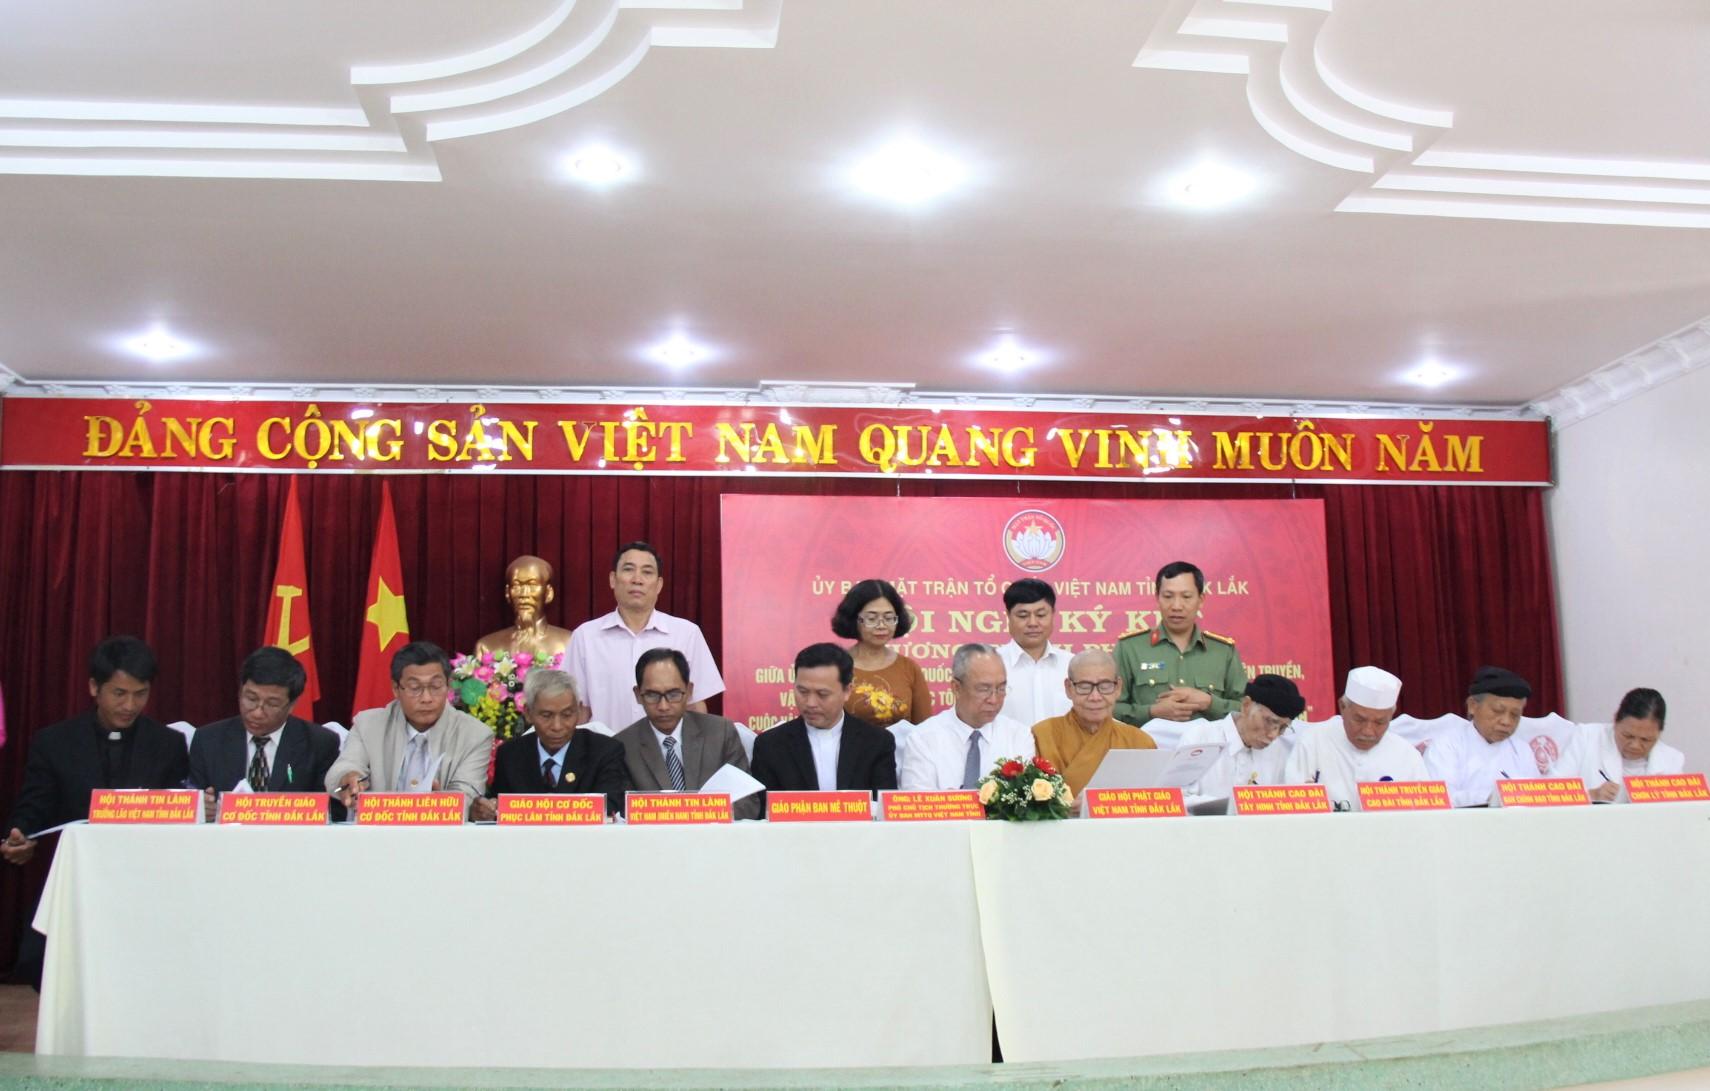 Ký kết Chương trình phối hợp giữa Ủy ban Mặt trận Tổ quốc Việt Nam tỉnh Đắk Lắk với các tổ chức tôn giáo